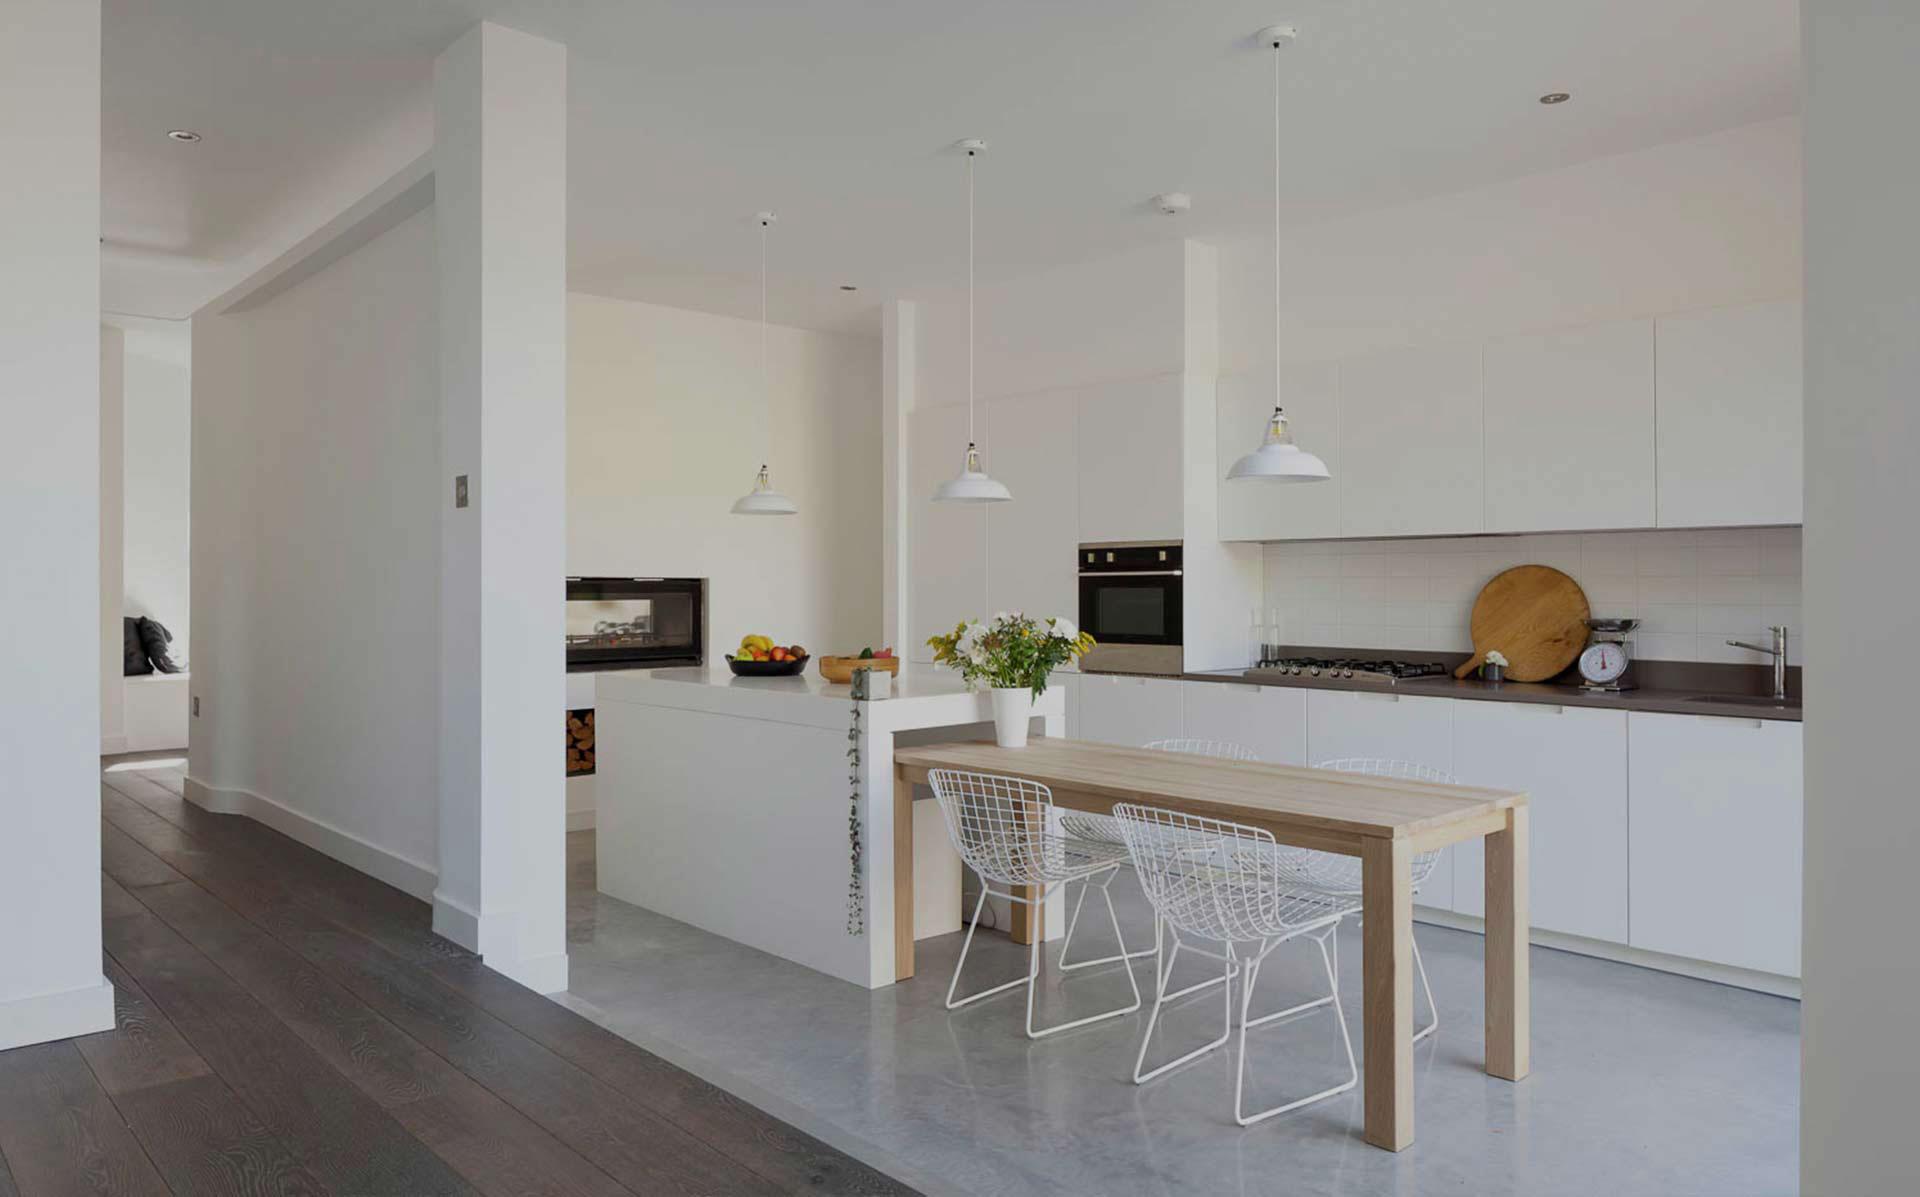 Ανακαίνιση Κουζίνα - Ανακαινίσεις Technoenergy Θεσσαλονίκη